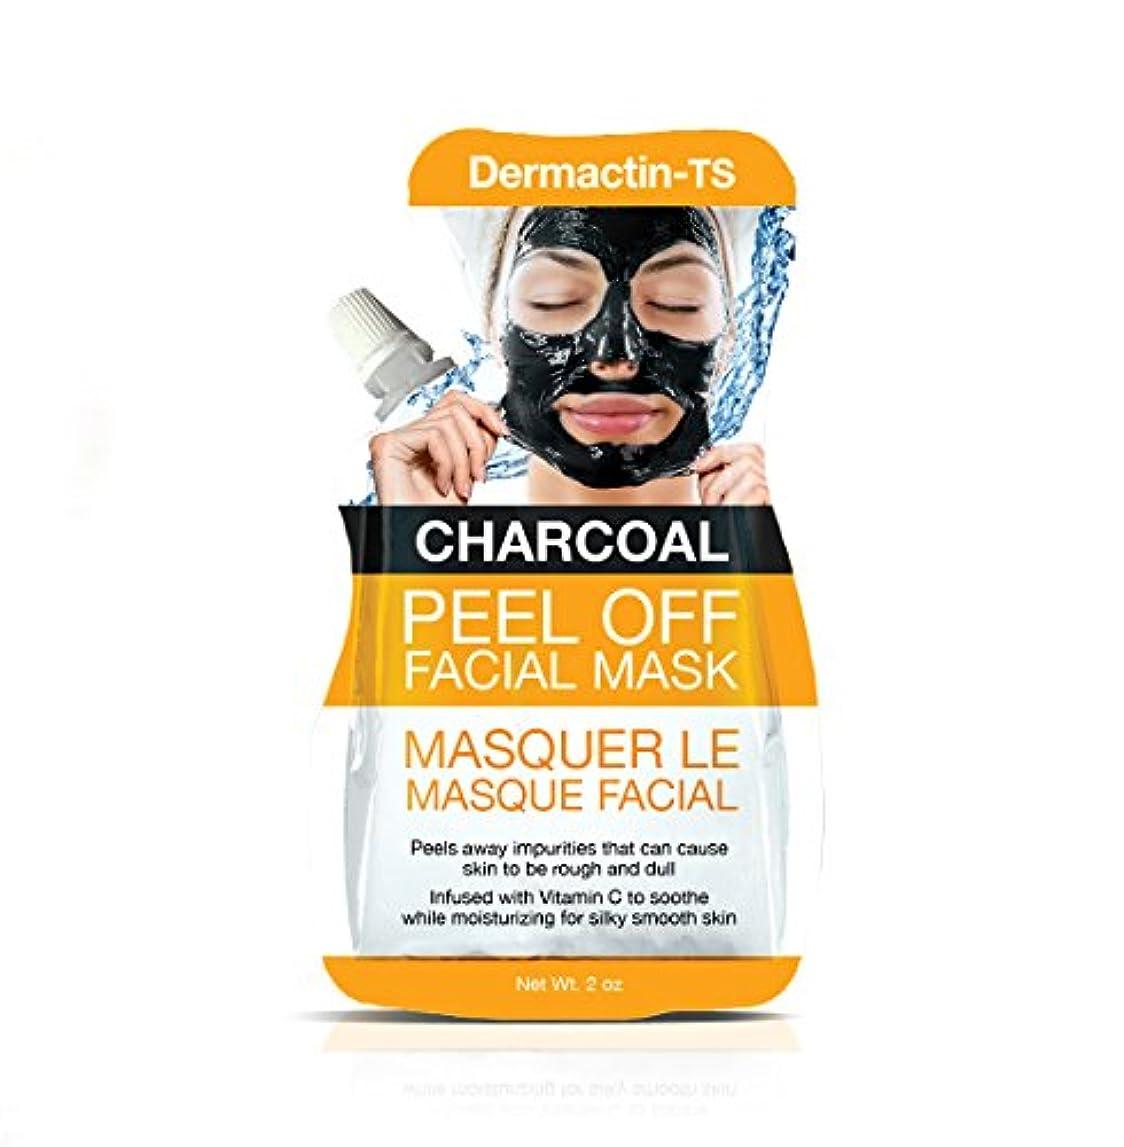 命題田舎壁Dermactin-TS フェイシャルマスクを剥がすチャコール50 g (並行輸入品)